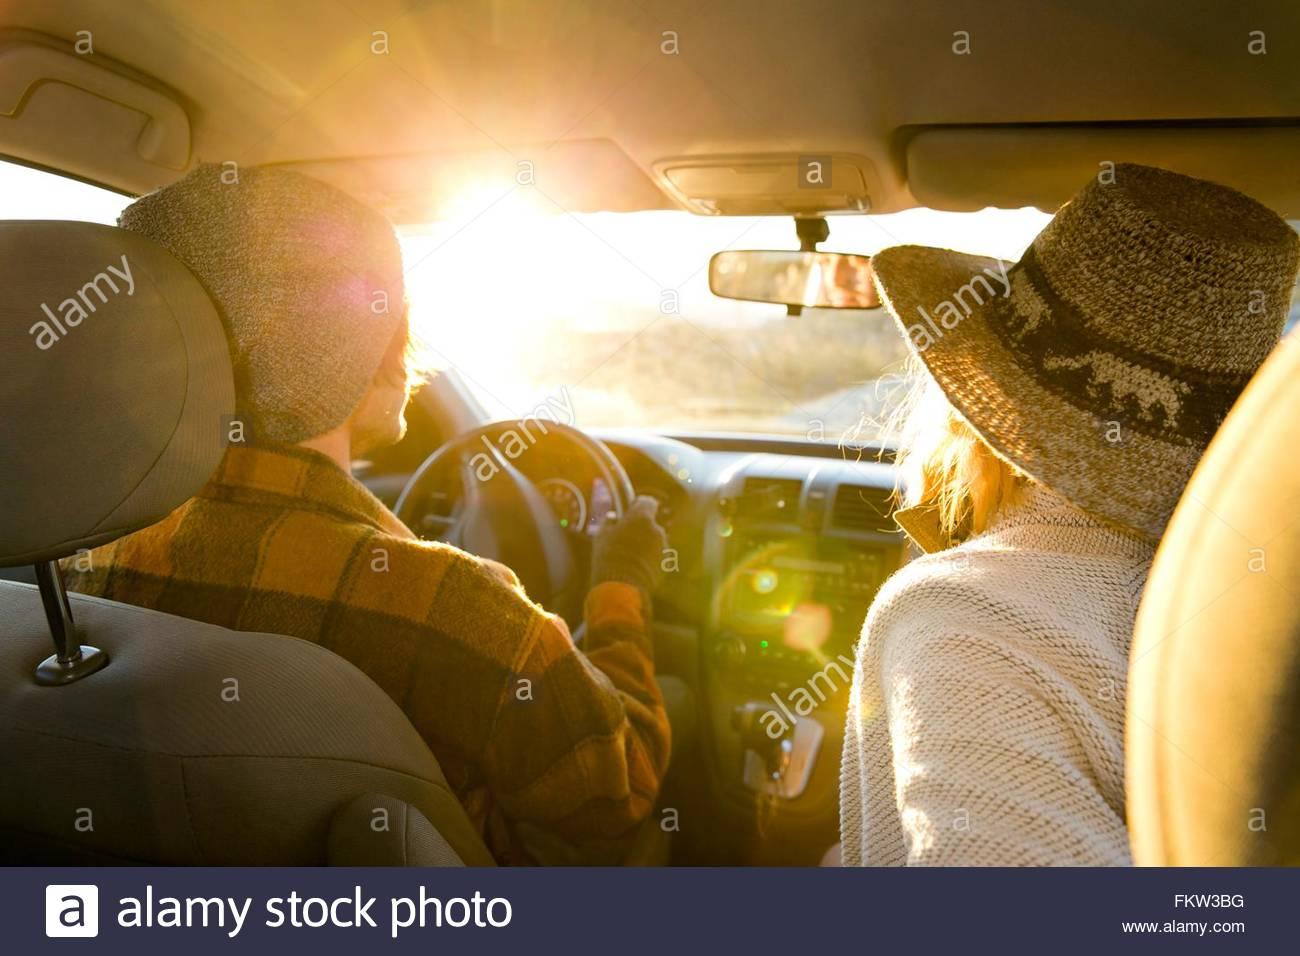 Vue arrière du jeune couple dans la voiture, la lumière du soleil sur le pare-brise Banque D'Images